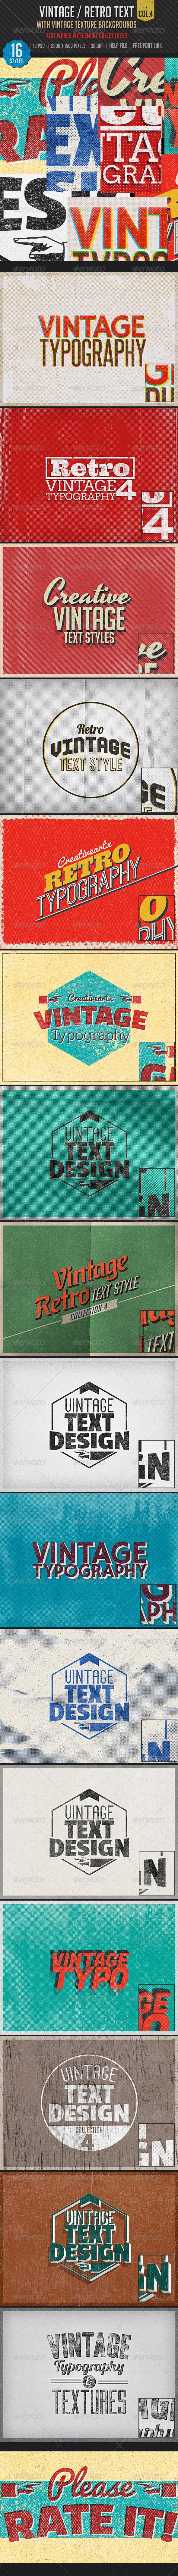 GraphicRiver Vintage Retro Text Col 4 7649455